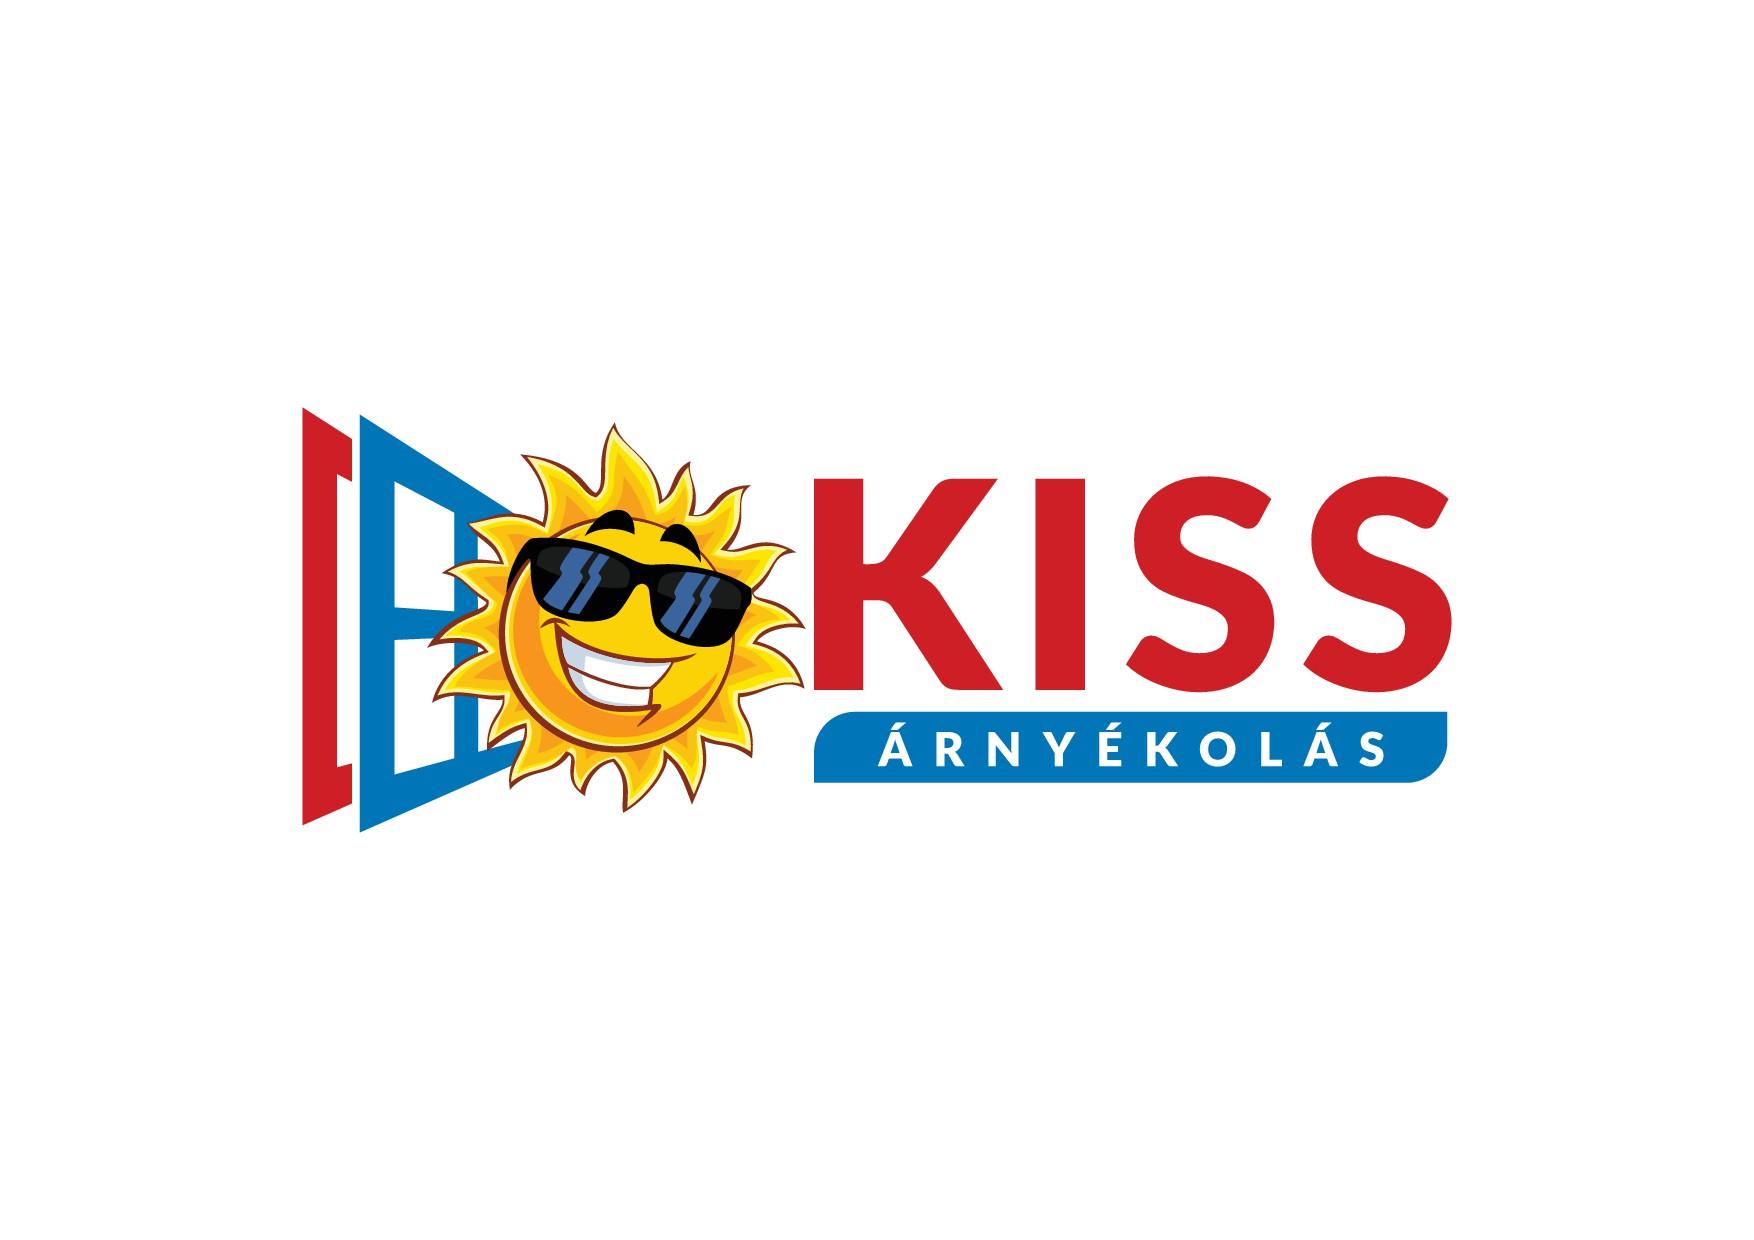 Small local company needs finally a nice new logo